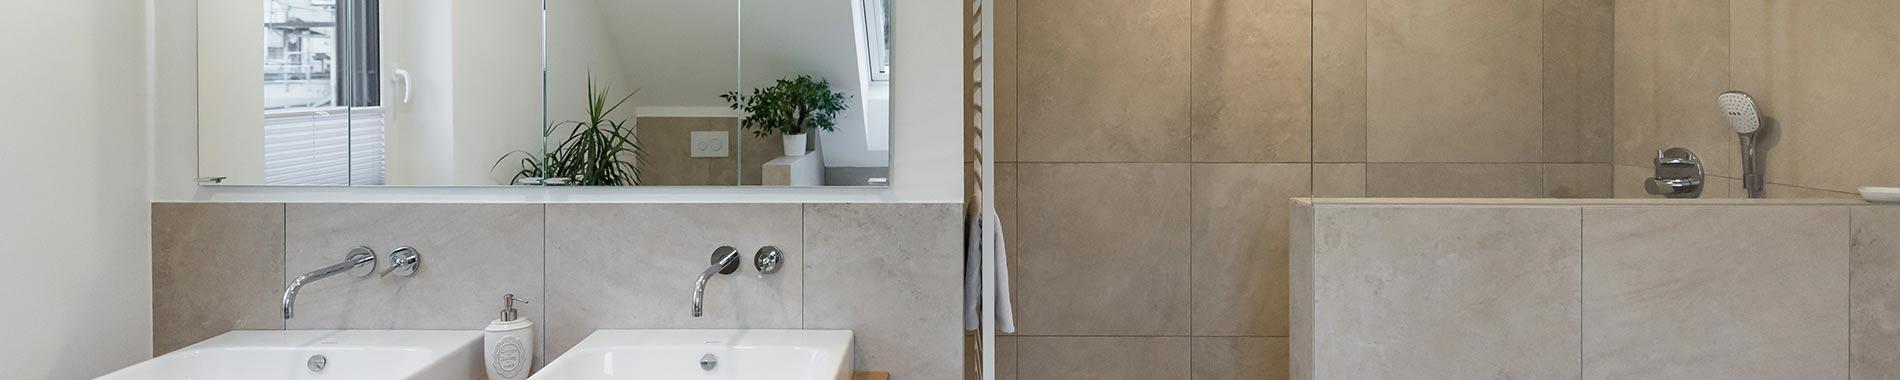 badezimmer aschaffenburg referenzen von badfritze. Black Bedroom Furniture Sets. Home Design Ideas